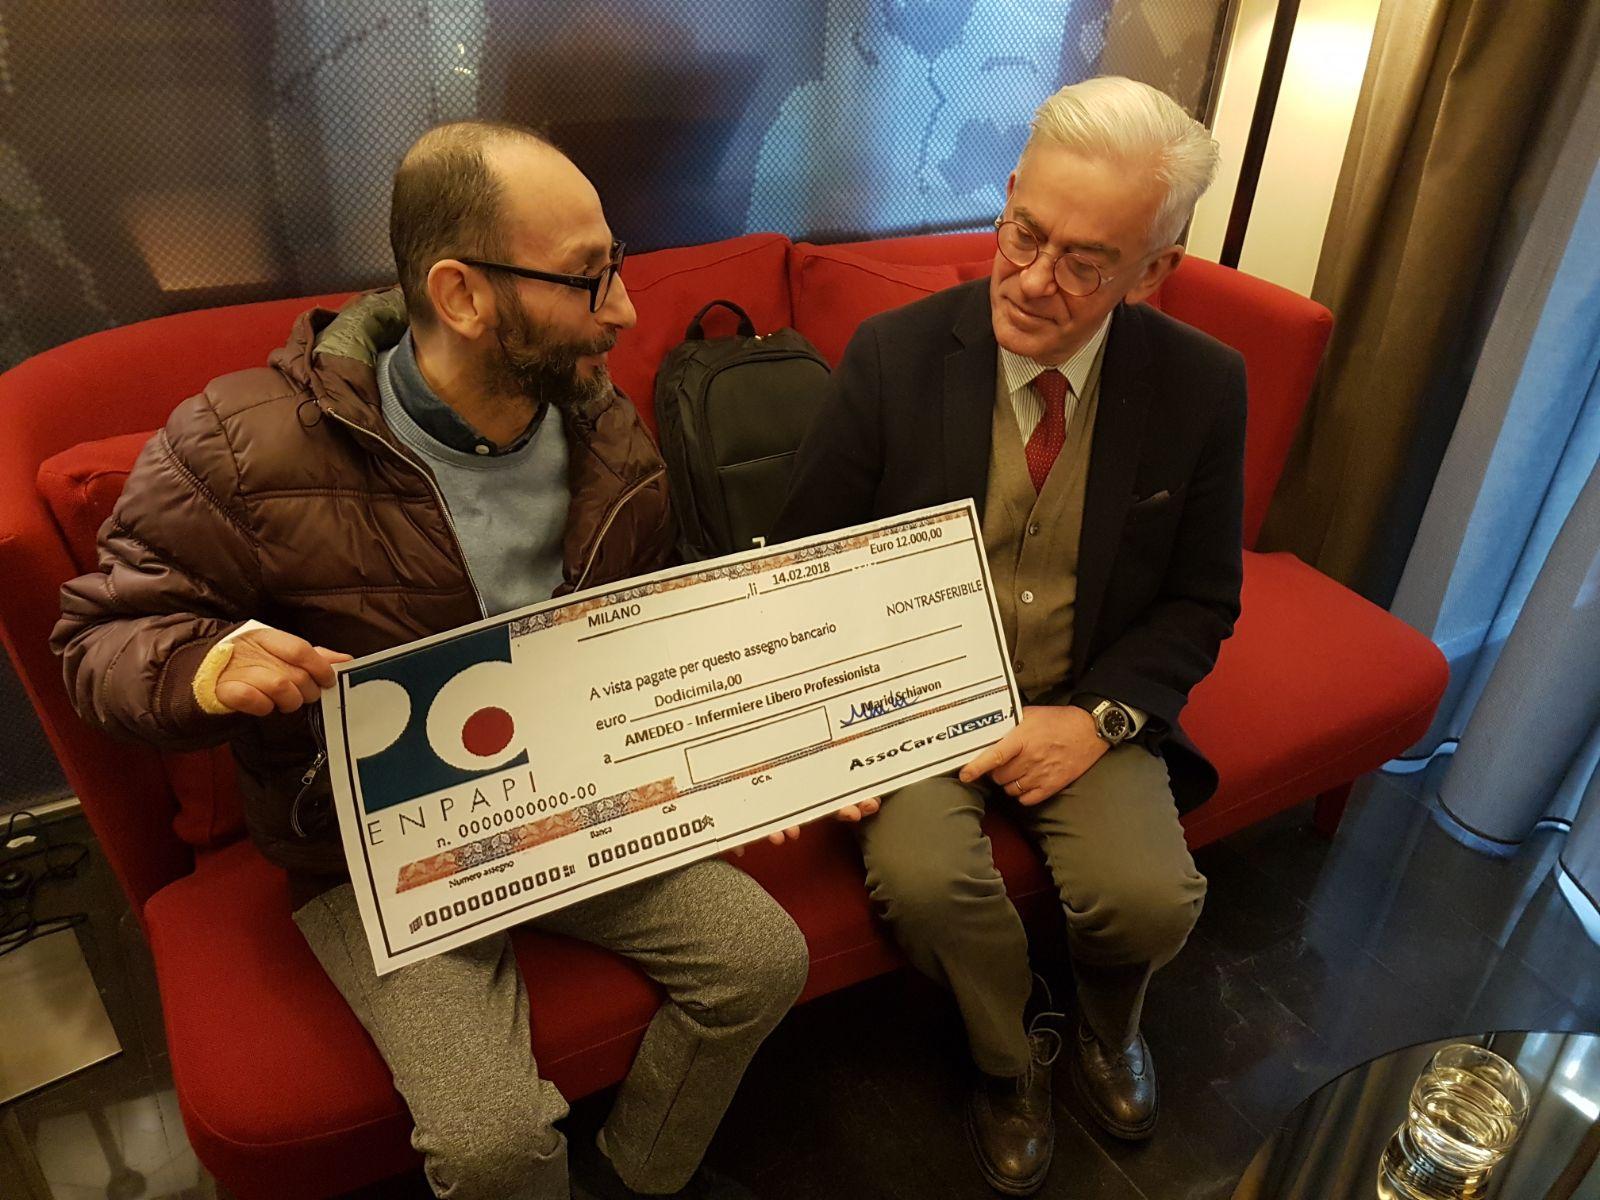 Assegno di 12.000 consegnato dall'ENPAPI al collega Amedeo